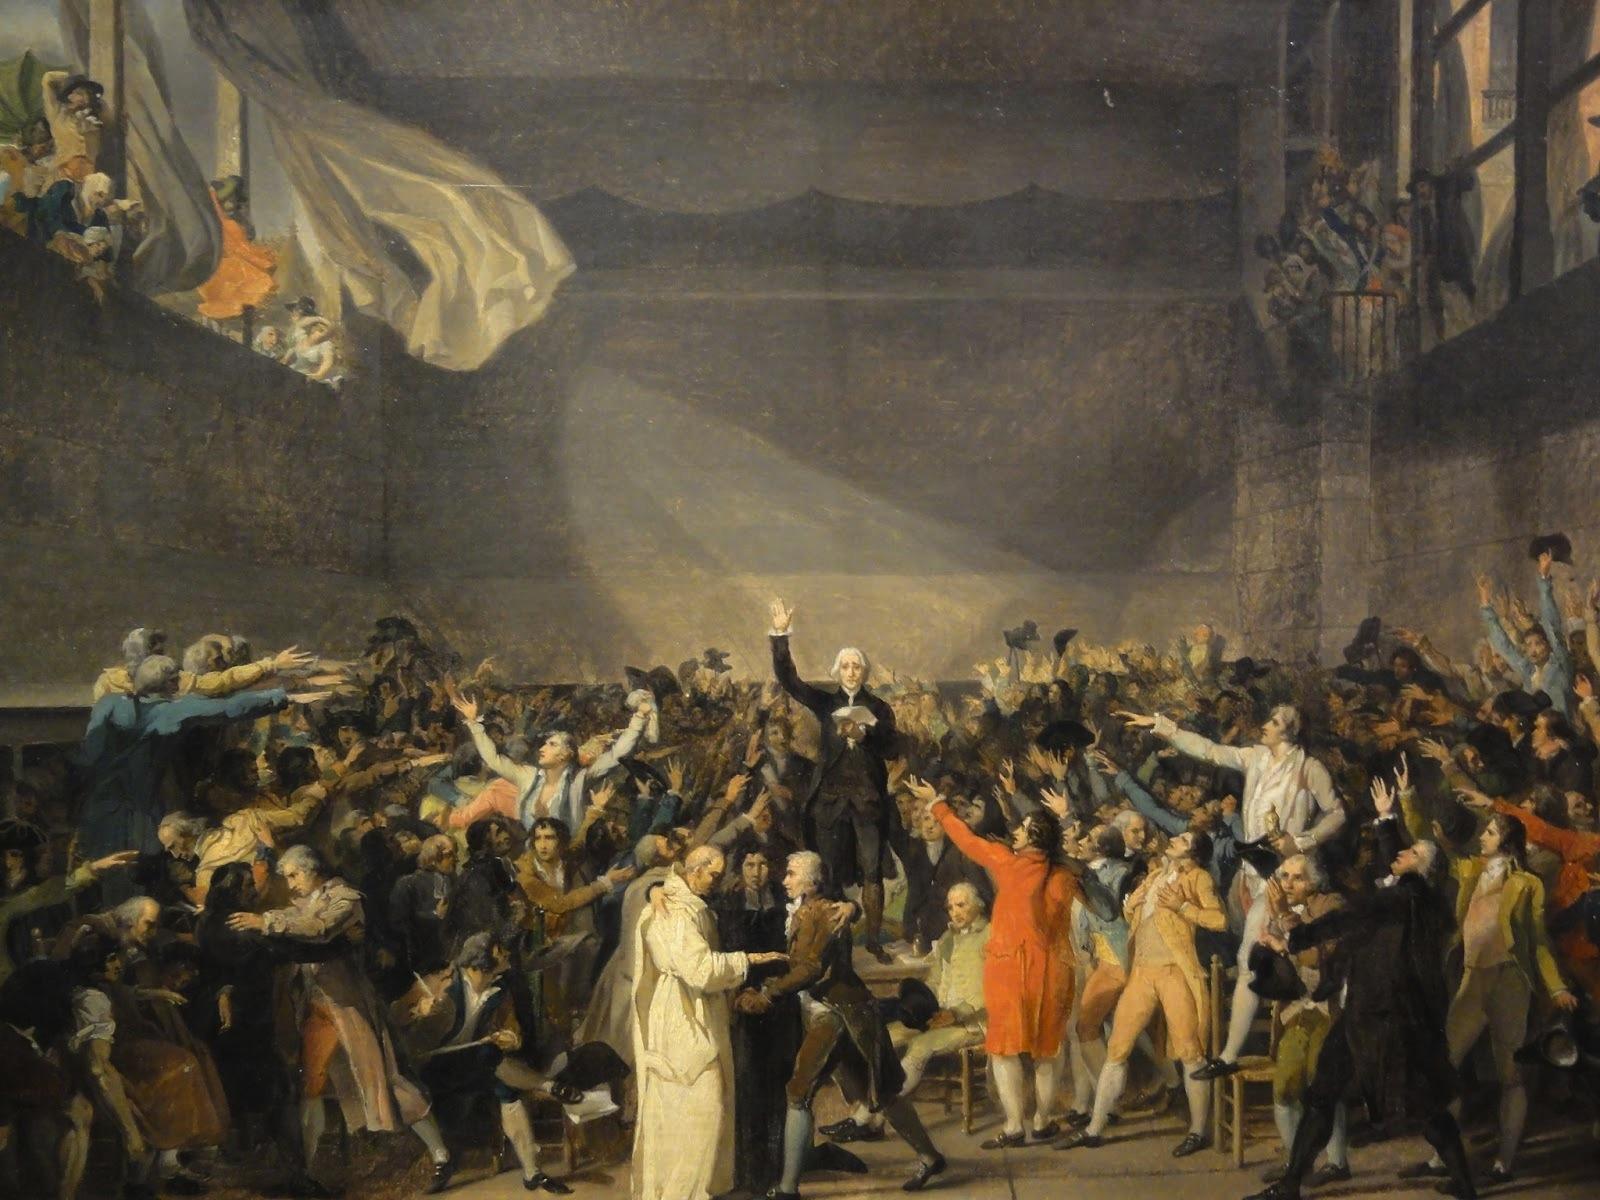 2013-04-27-le-serment-du-jeu-de-paume-le-20-juin-1789-jacques-louis-david-carnavalet-2